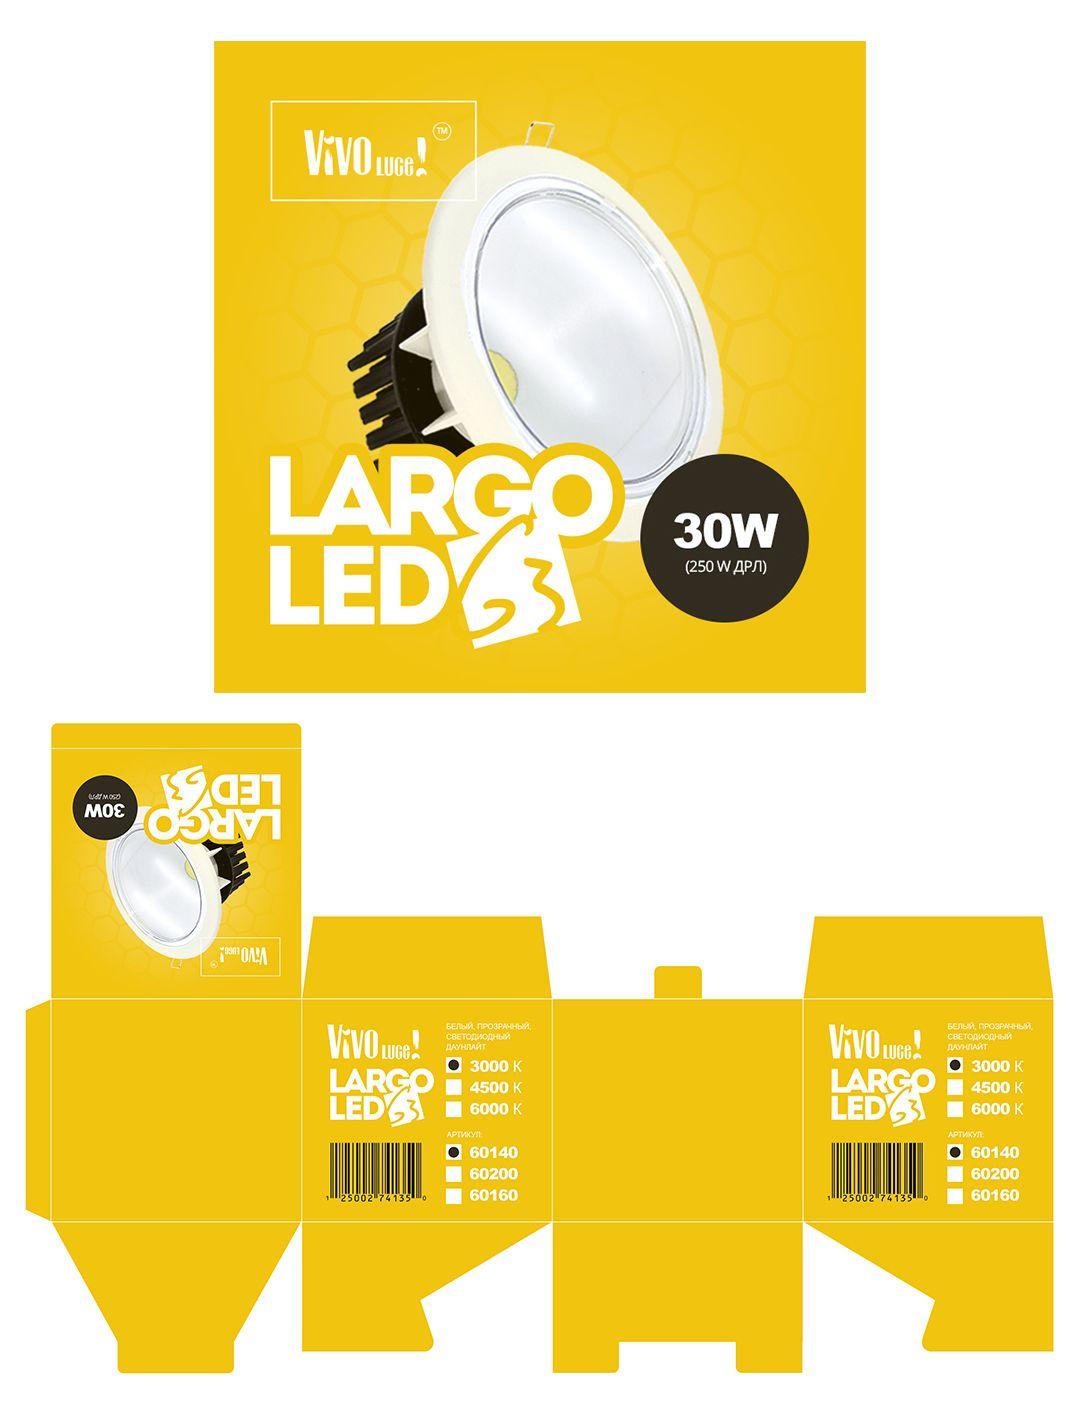 Упаковка для светильника Largo LED G3 - дизайнер slavikx3m